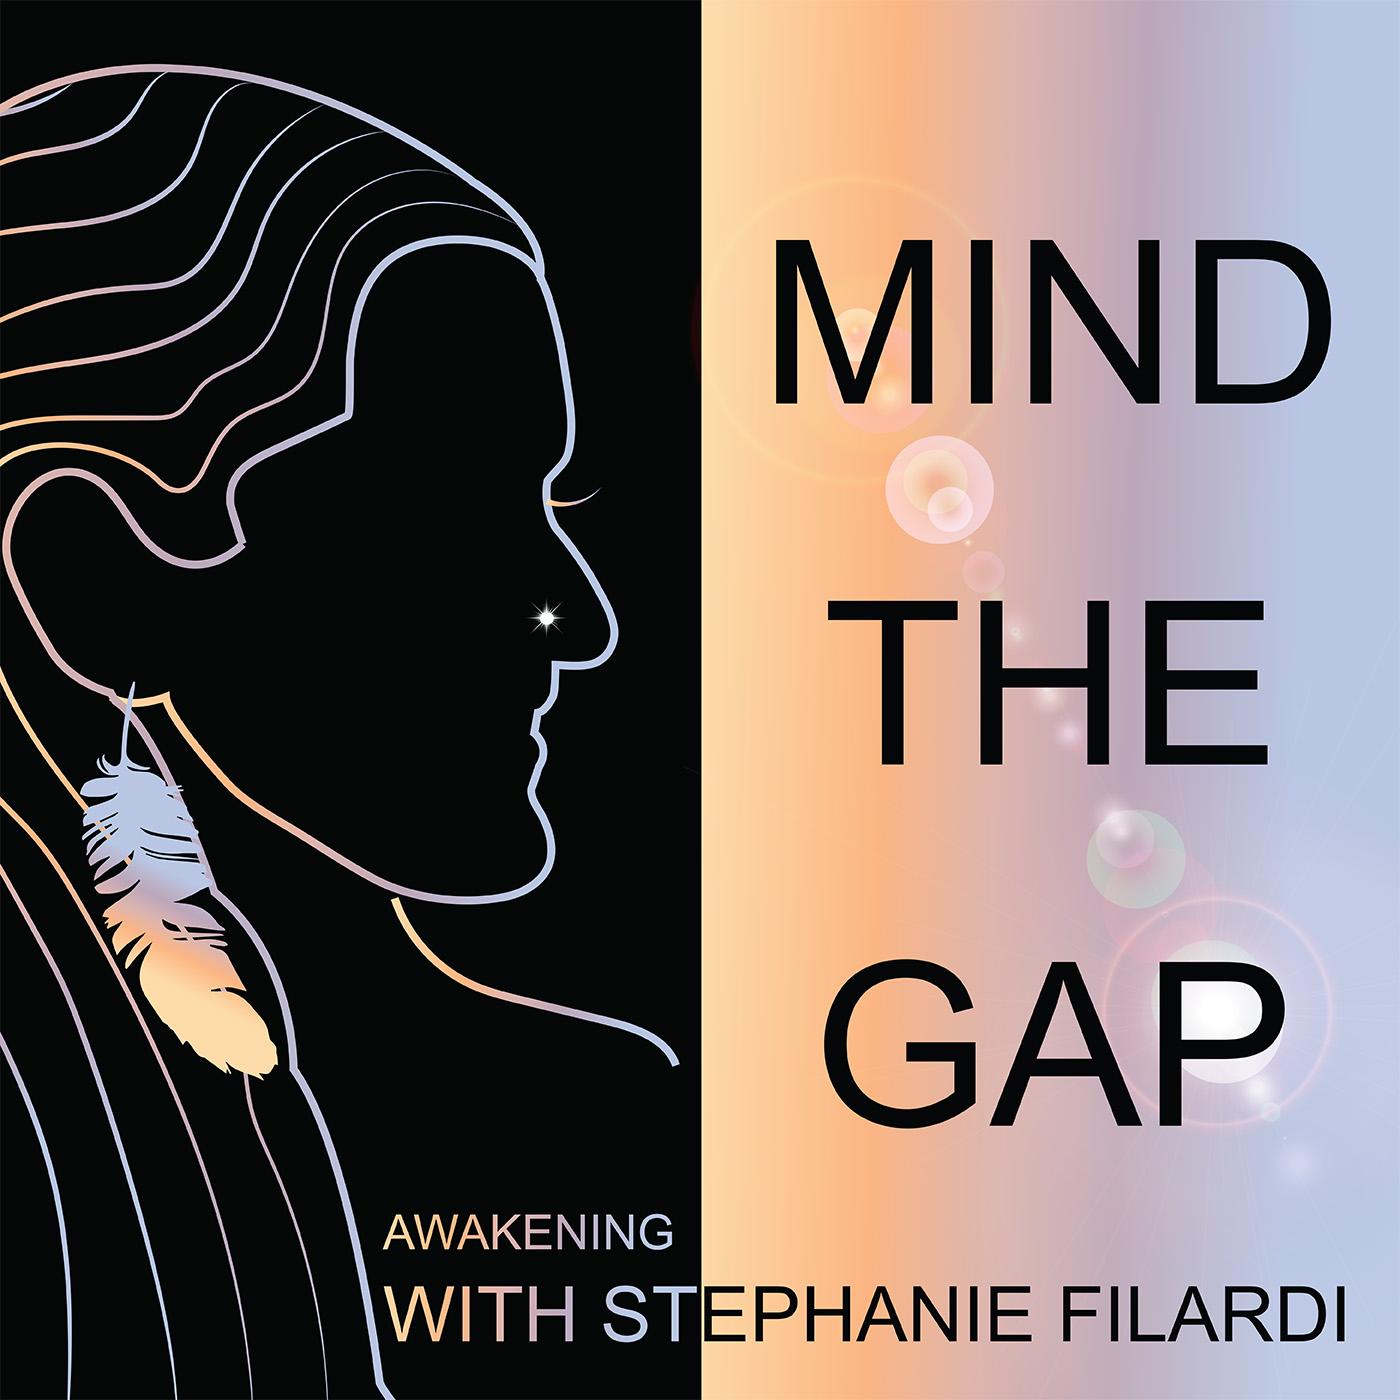 Mind the Gap - Awakening with Stephanie Filardi podcast show image